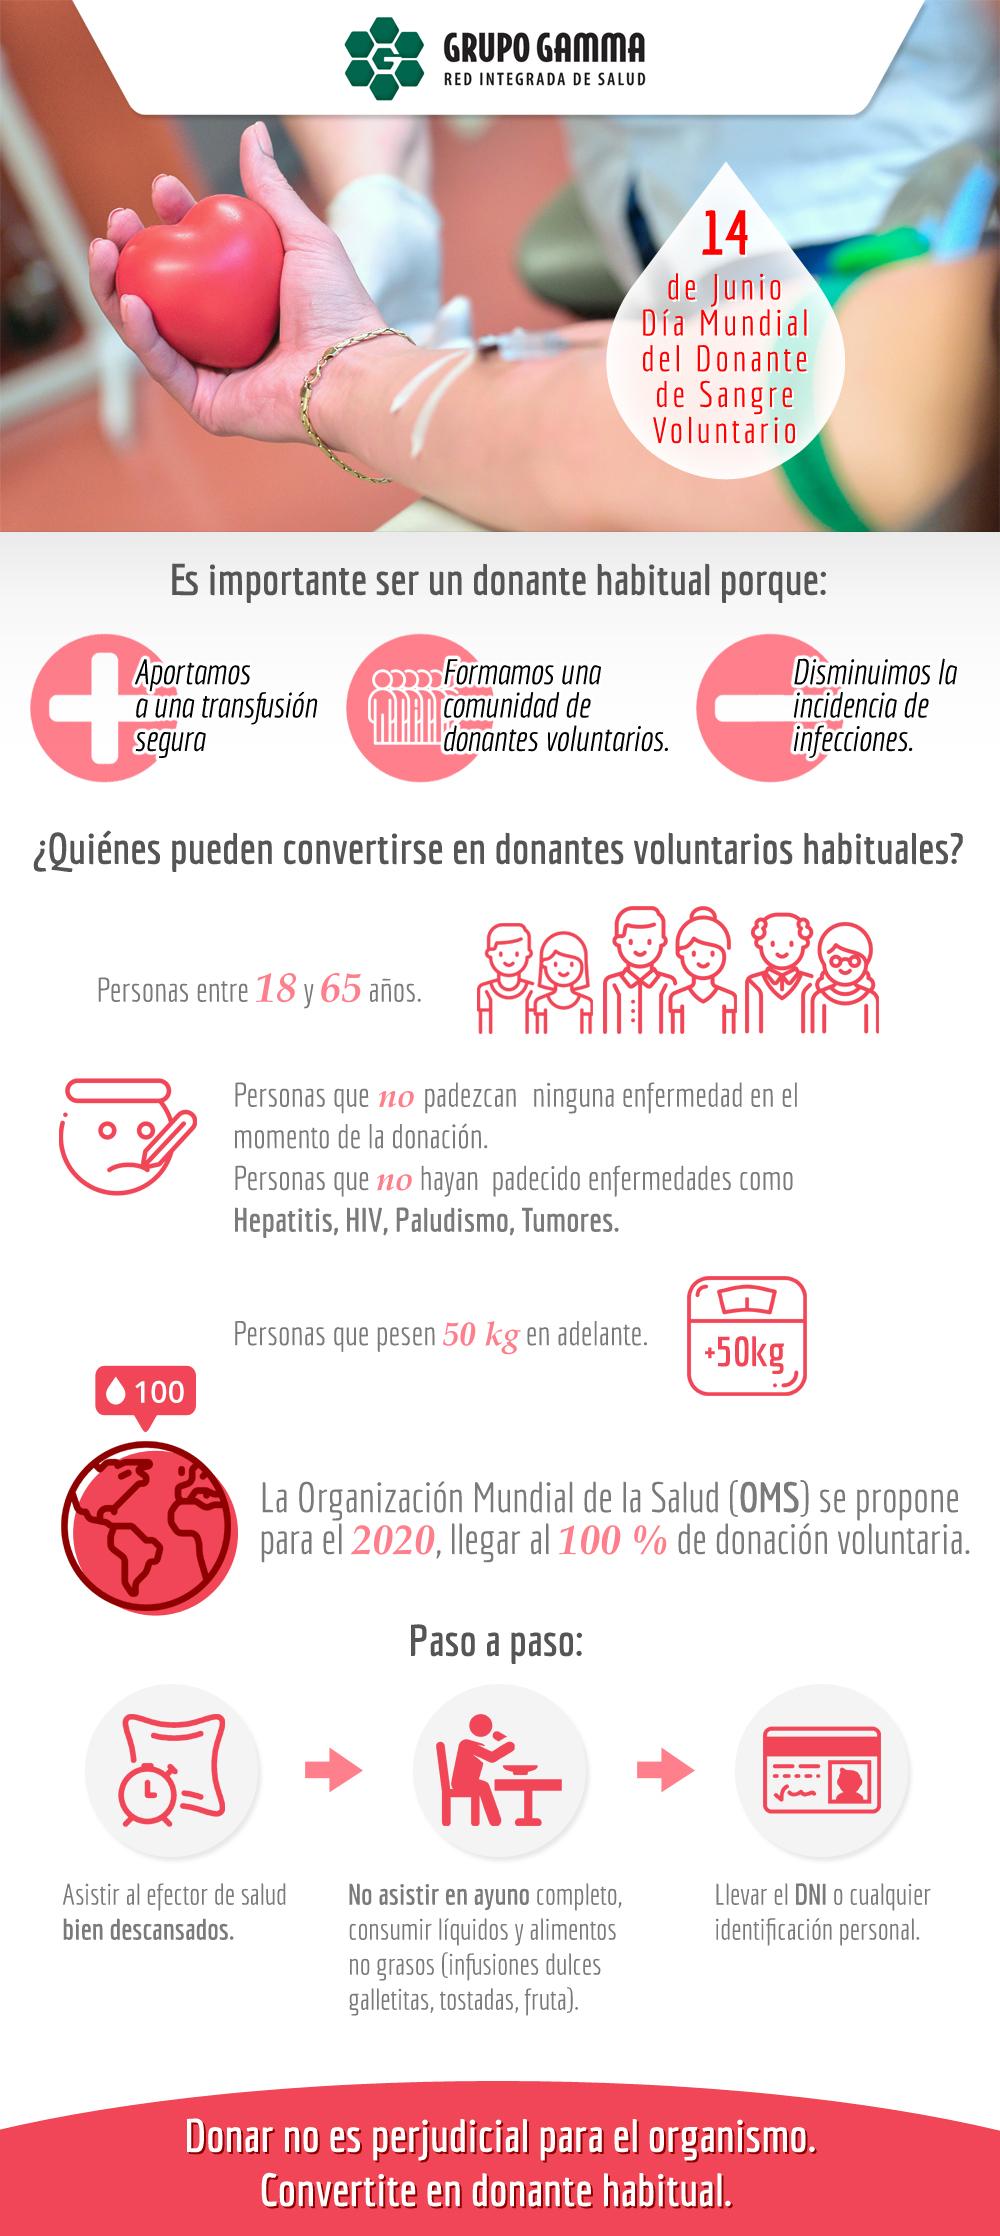 infografia (Donante de Sangre Voluntario) (3) (1)